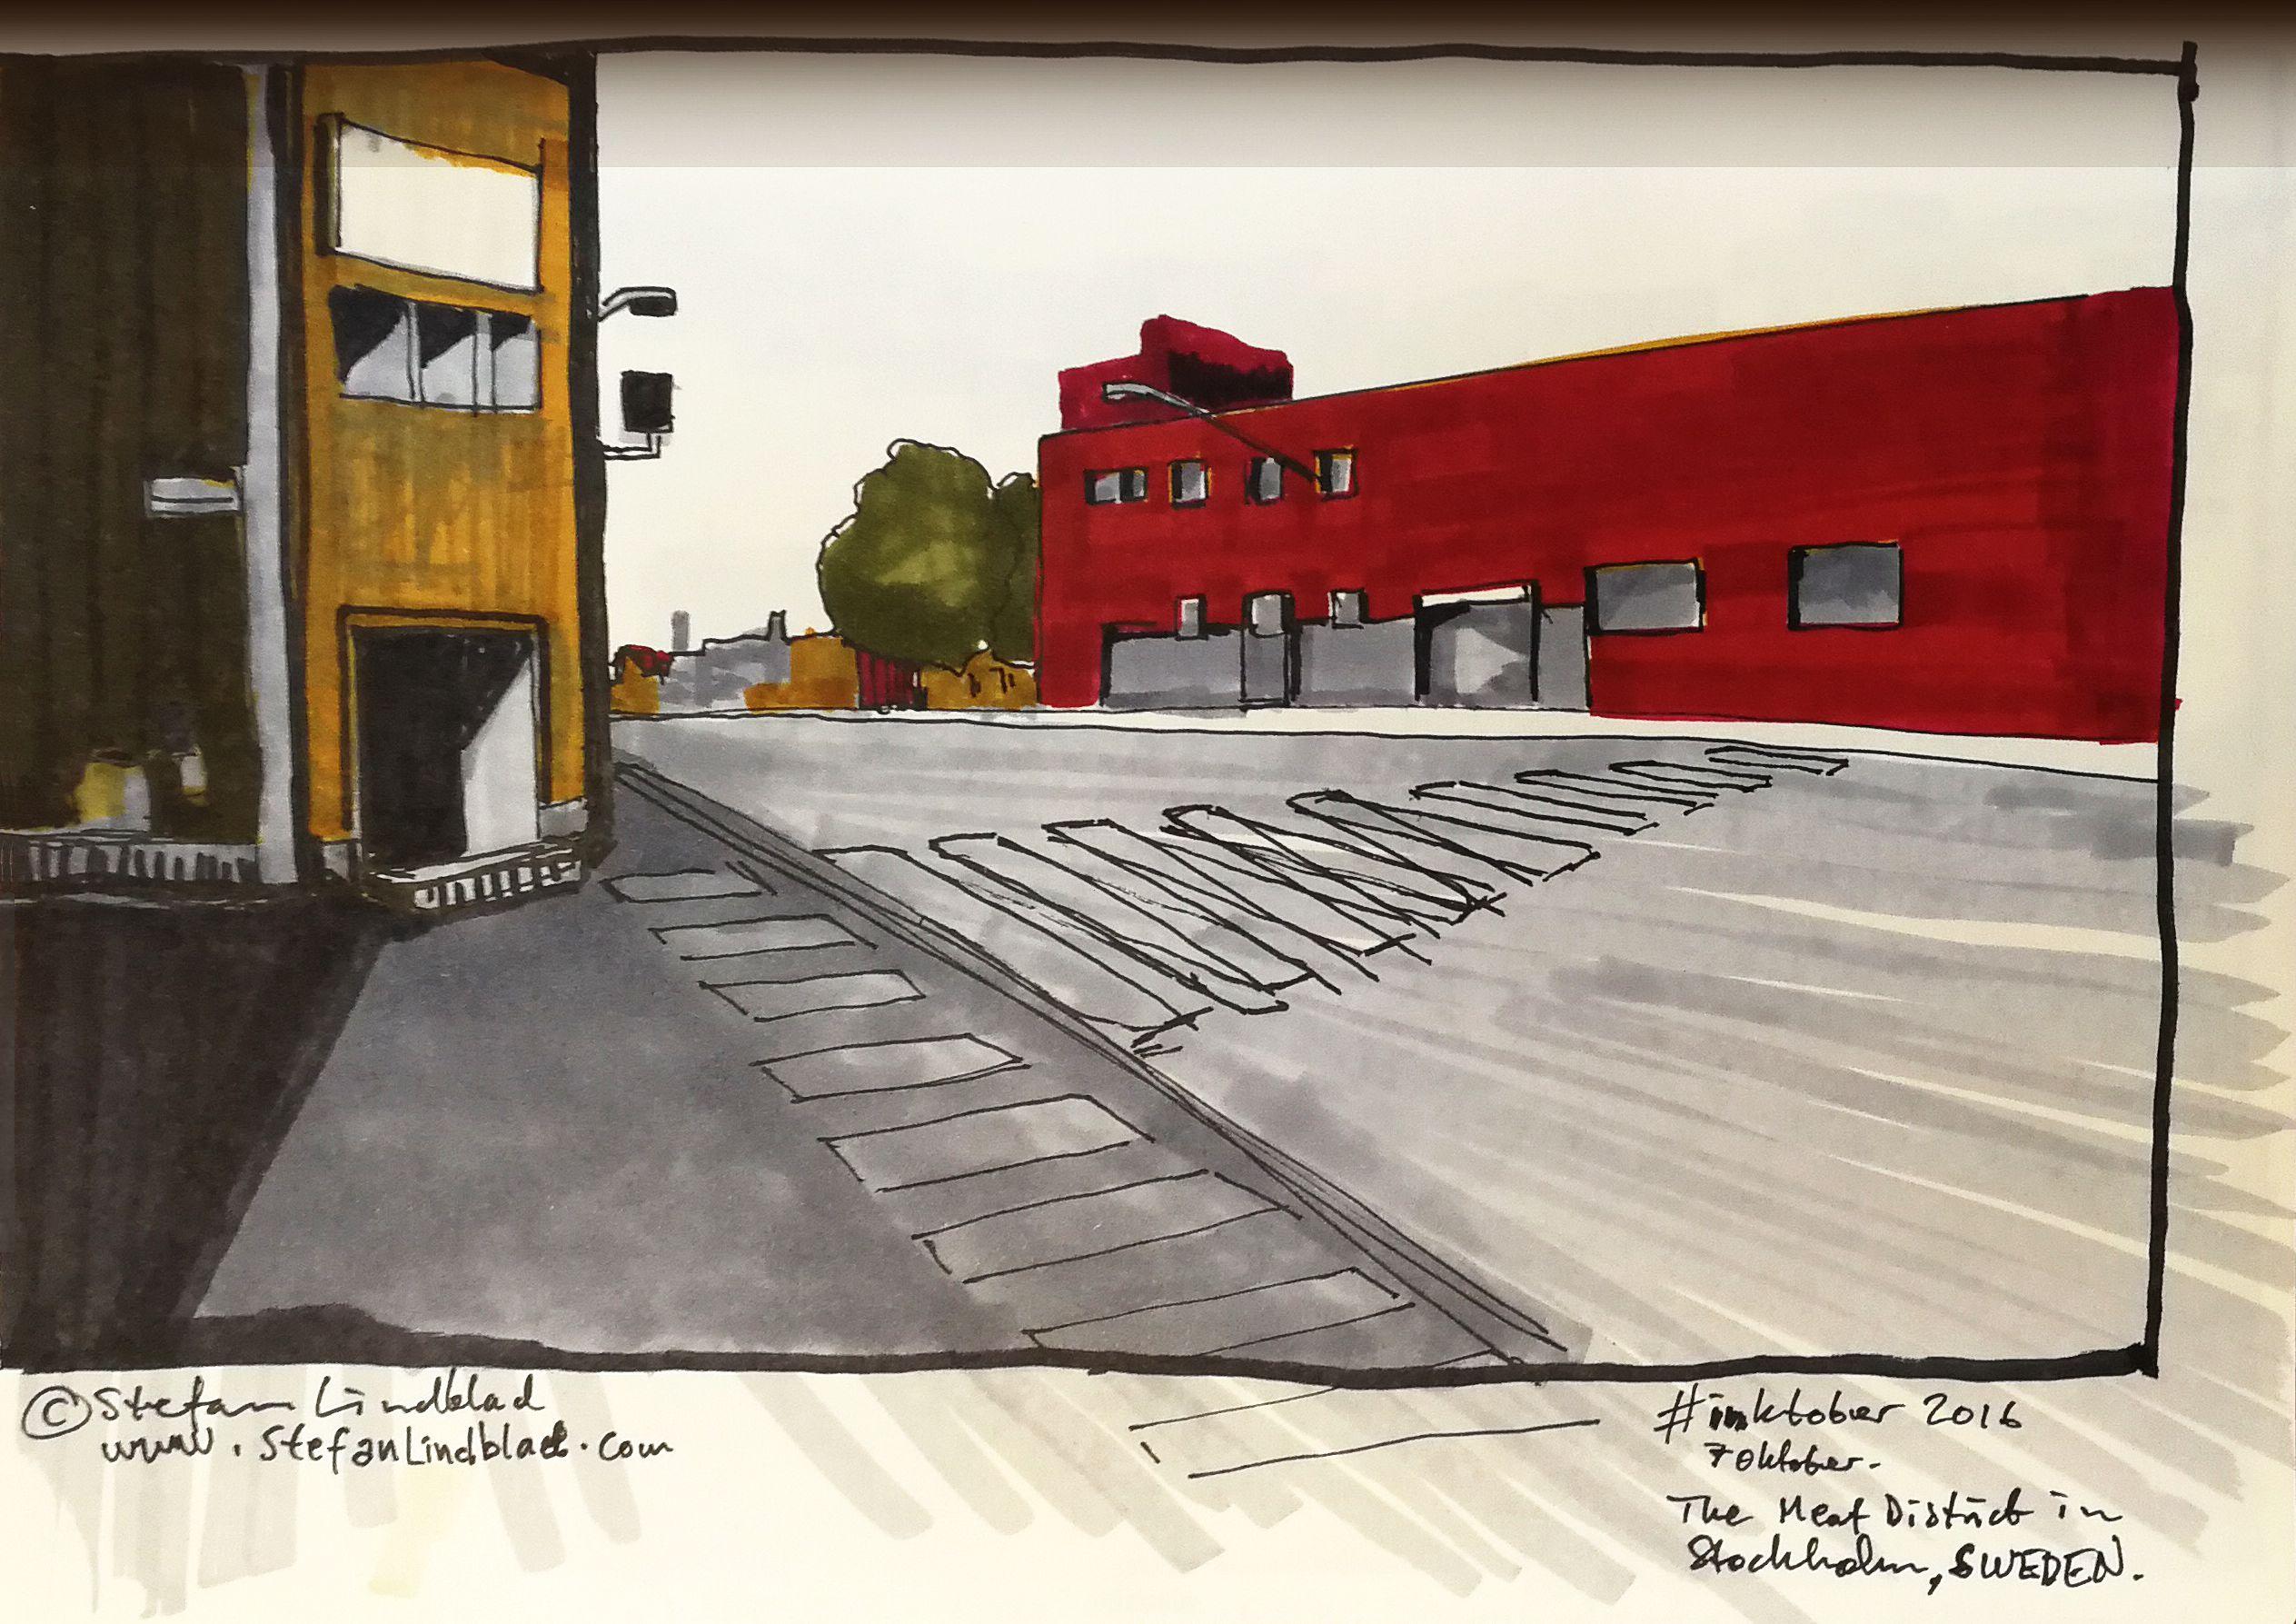 Teckning, drawing, Stefan LIndblad - illustration Sketchbook Inktober